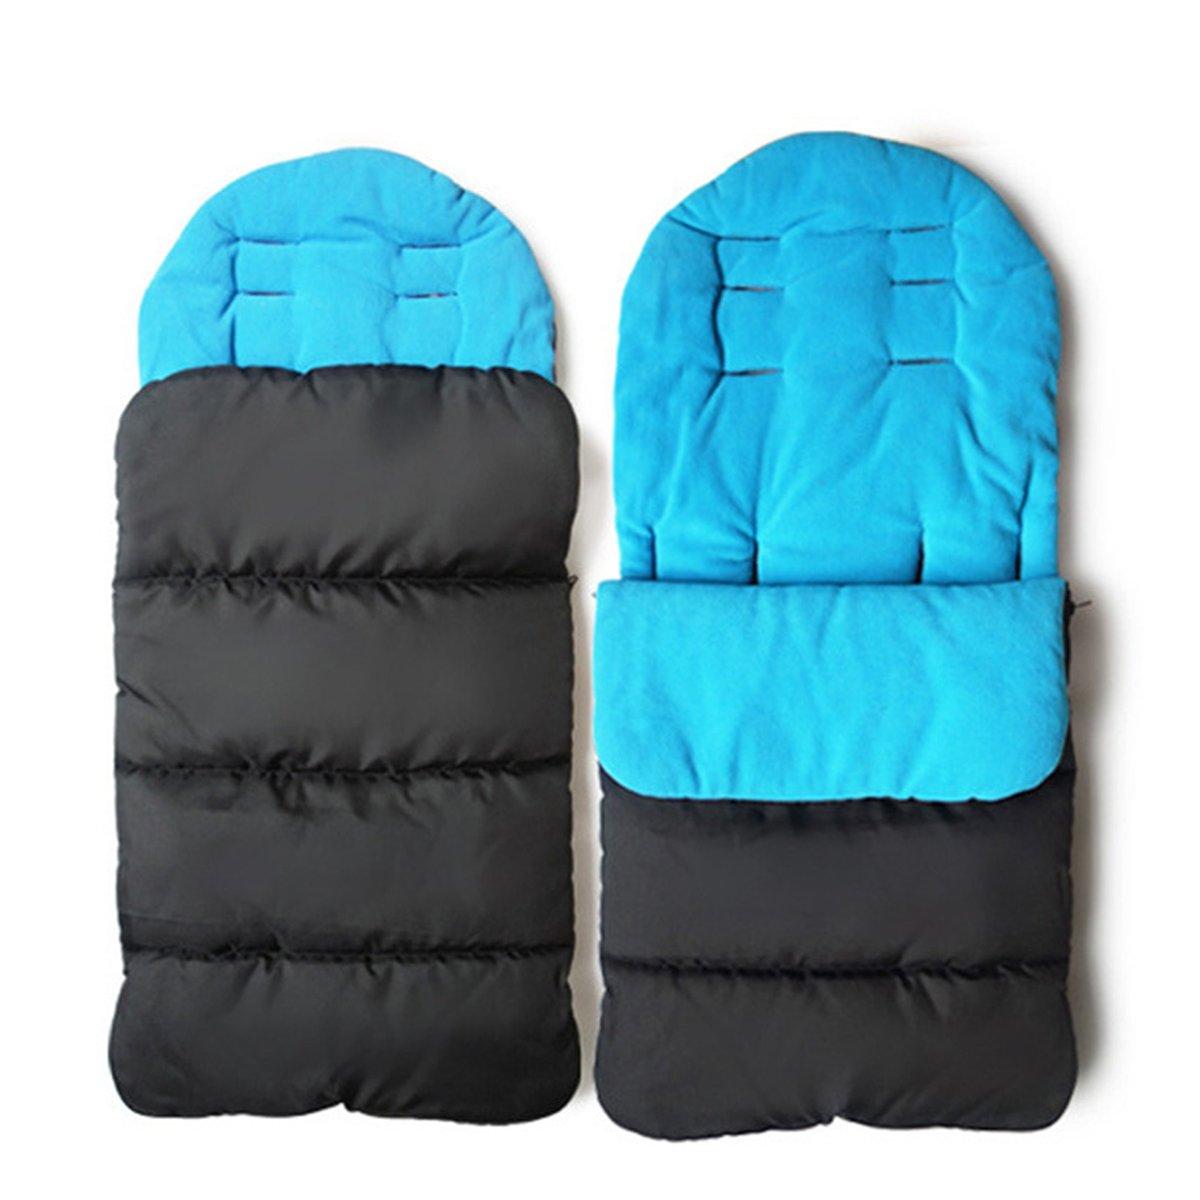 Saco de dormir y funda para pies de bebé de la marca Jiele, cómoda, cálida, resistente contra el viento azul azul: Amazon.es: Bebé